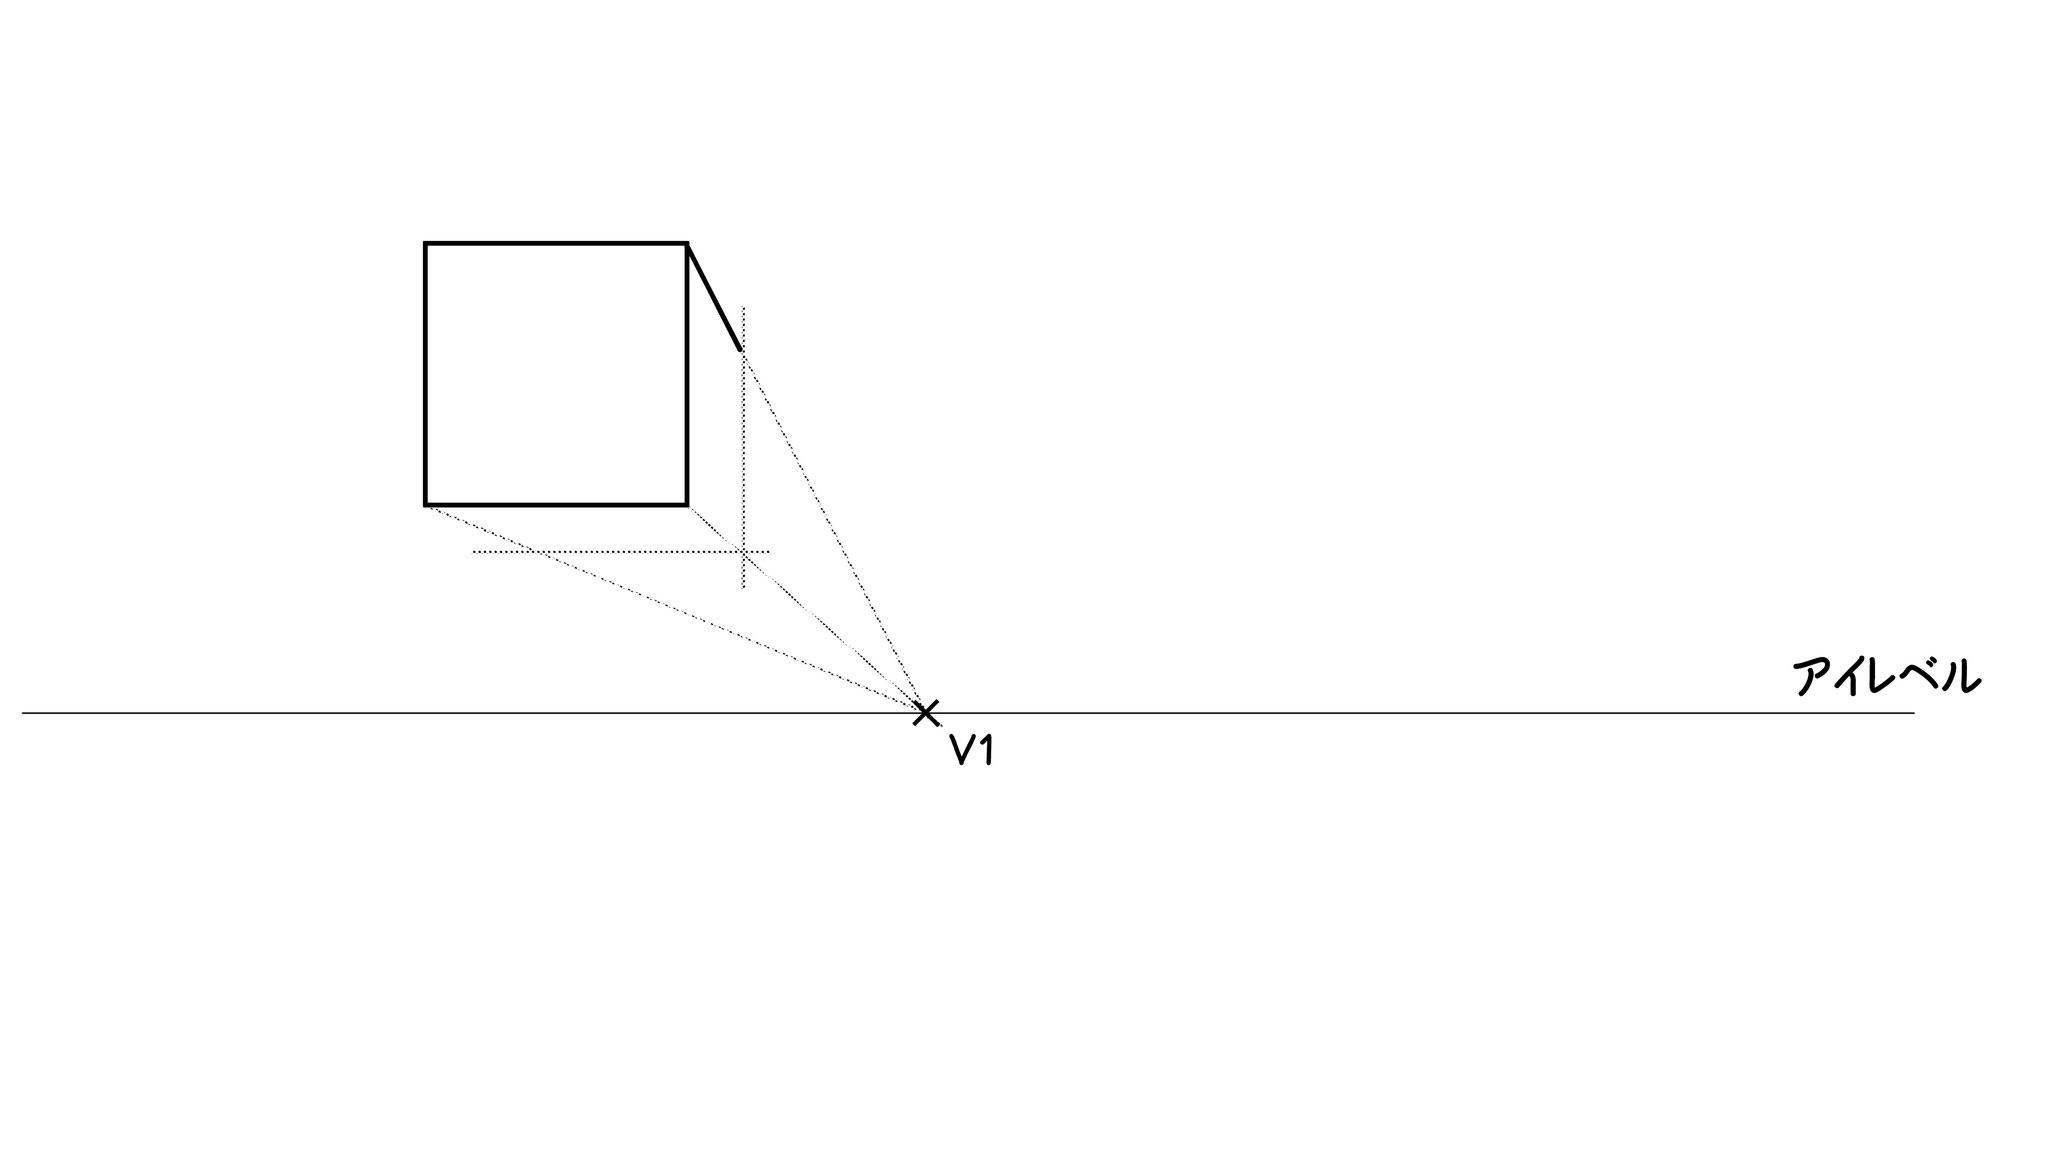 ⑥高さ方向の補助線と最初に引いた「縦方向」の補助線の交点を通るように、横方向の水平な補助線を引きます